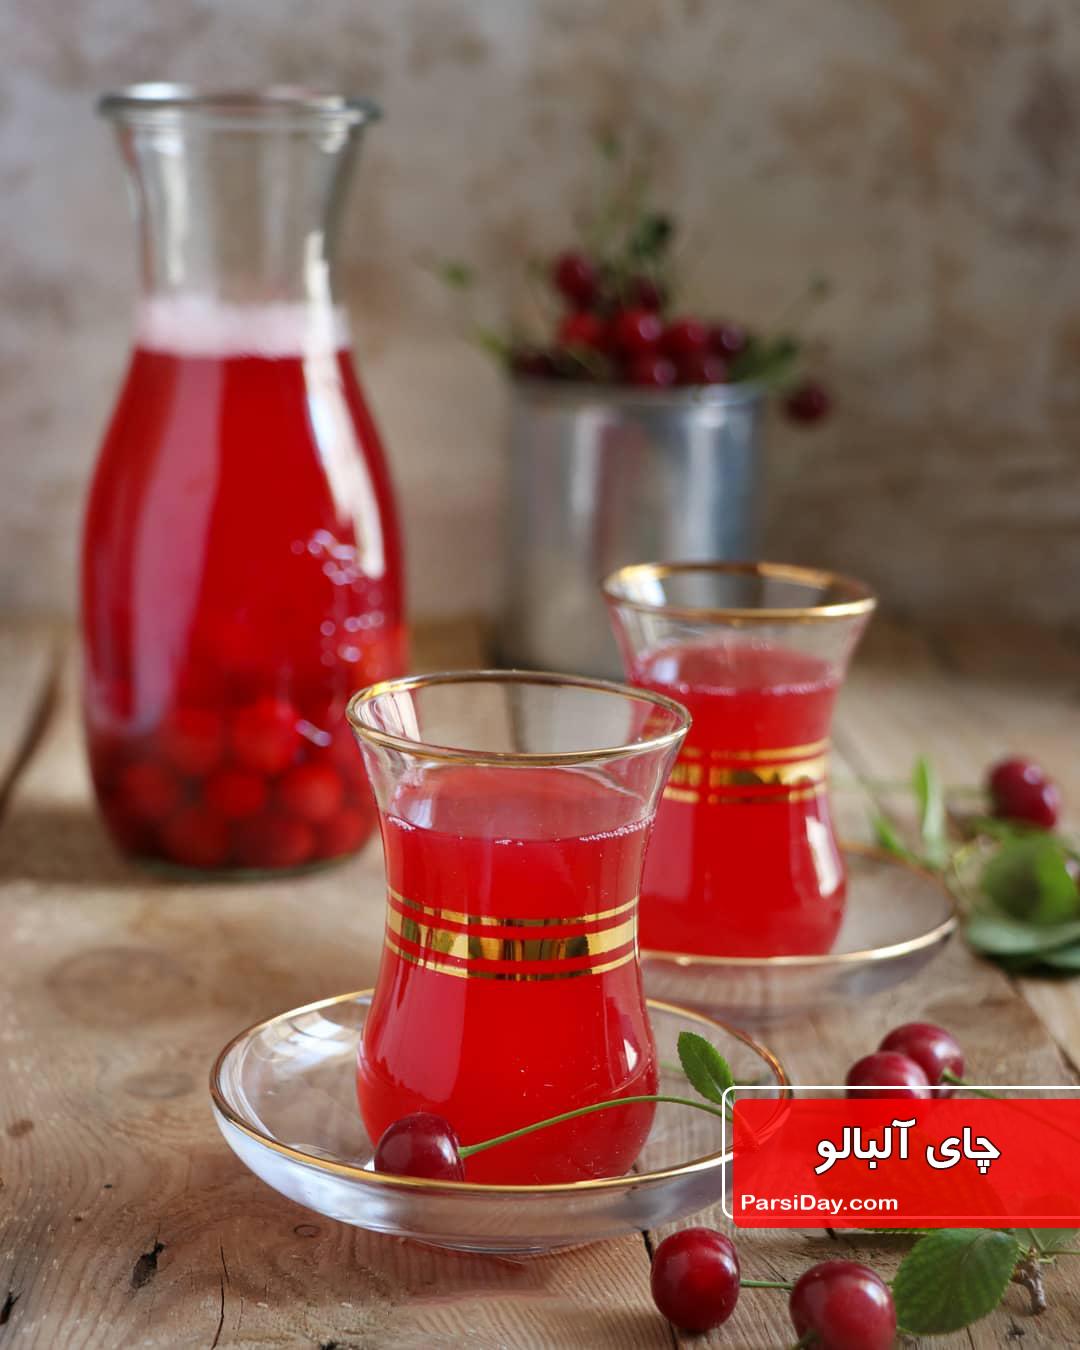 طرز تهیه چای آلبالو تازه خوش طعم و خوشرنگ با نبات یا عسل